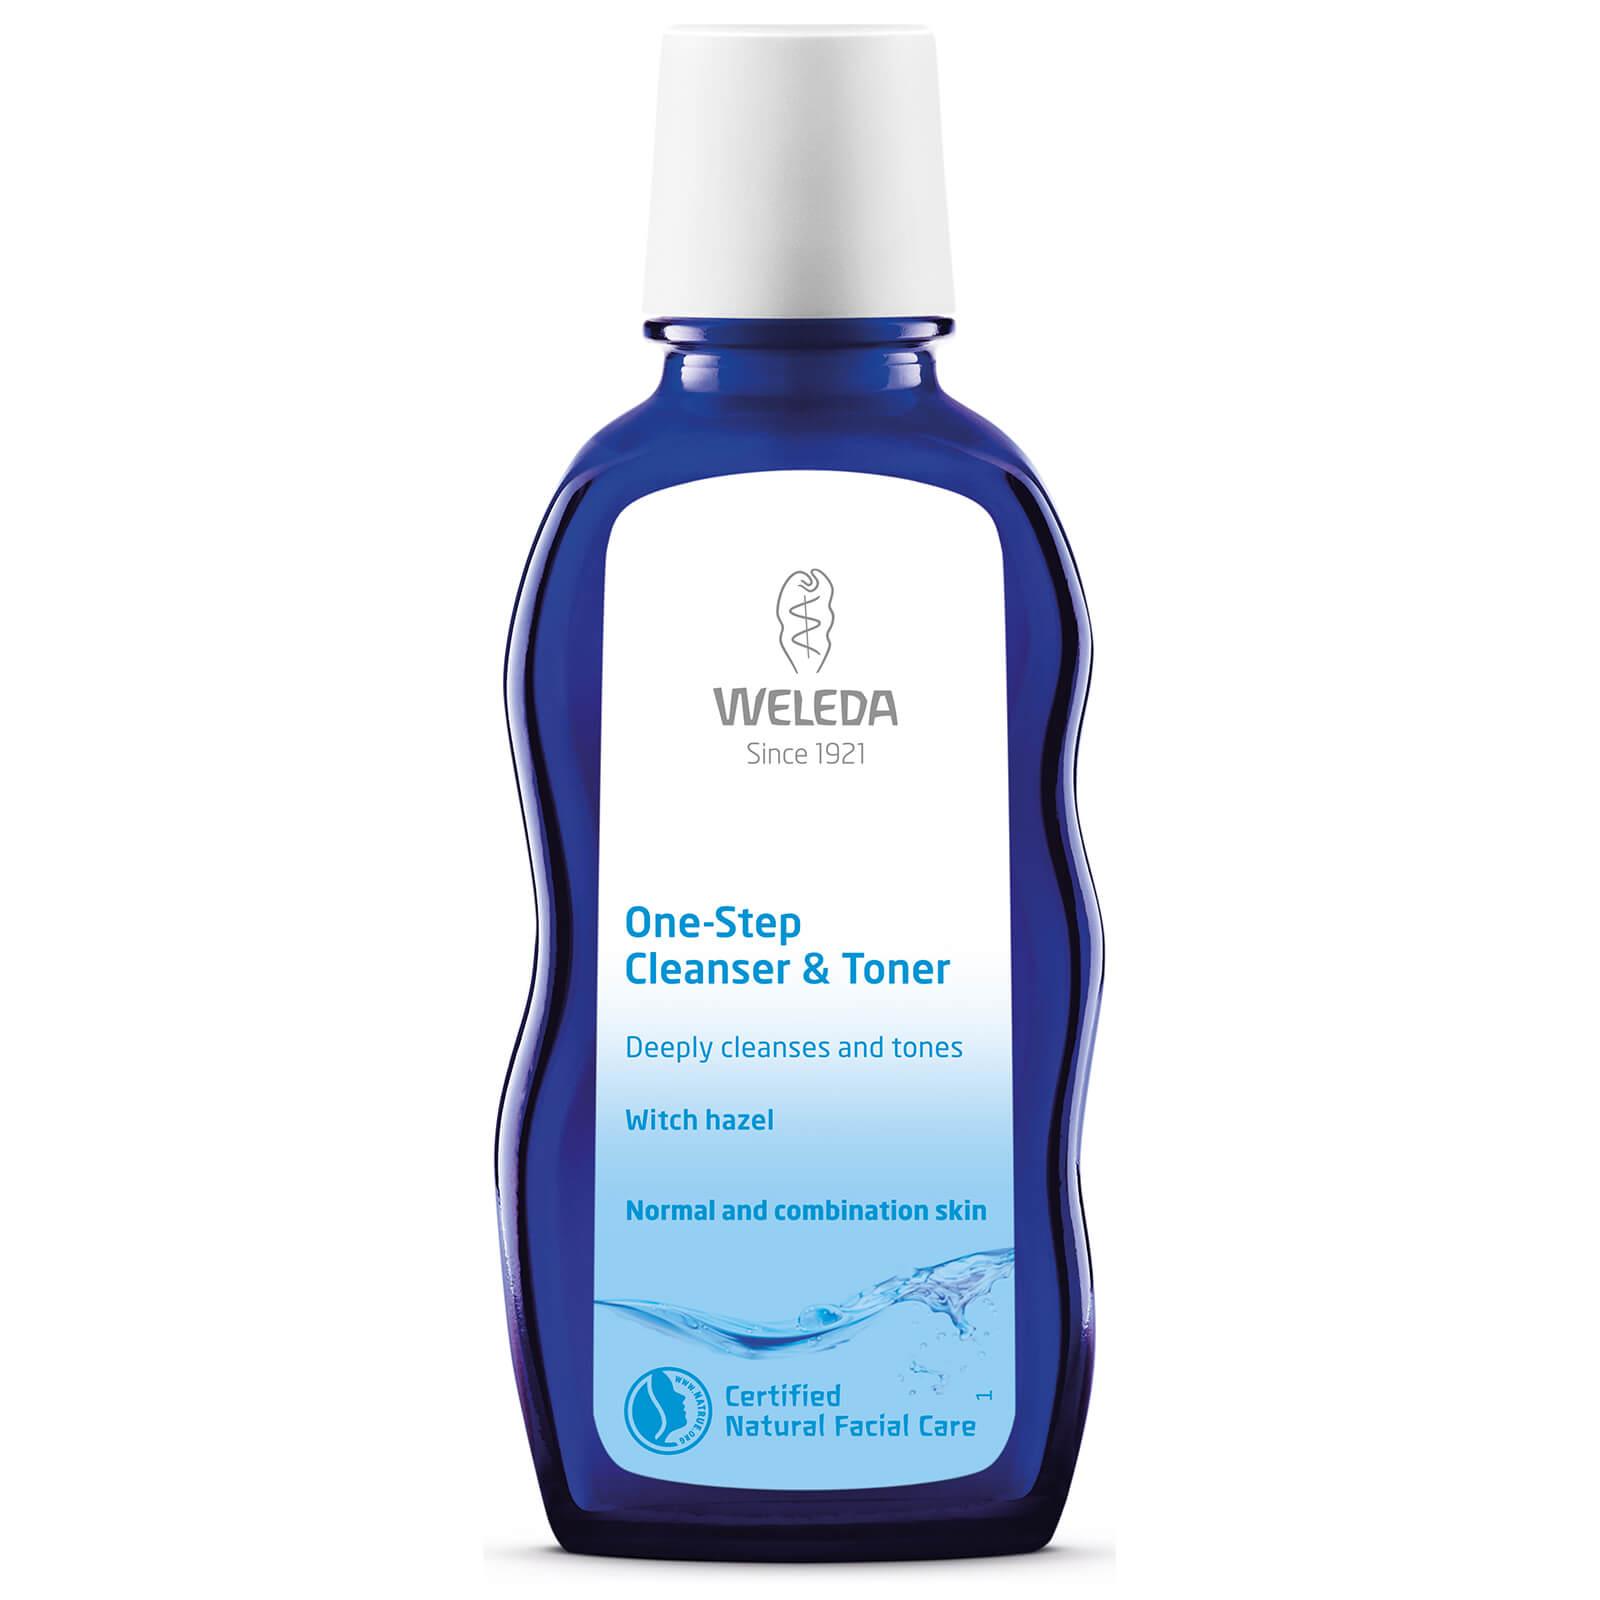 Купить Освежающее и очищающее средство 2-в-1 Weleda One-Step Cleanser & Toner (100мл)